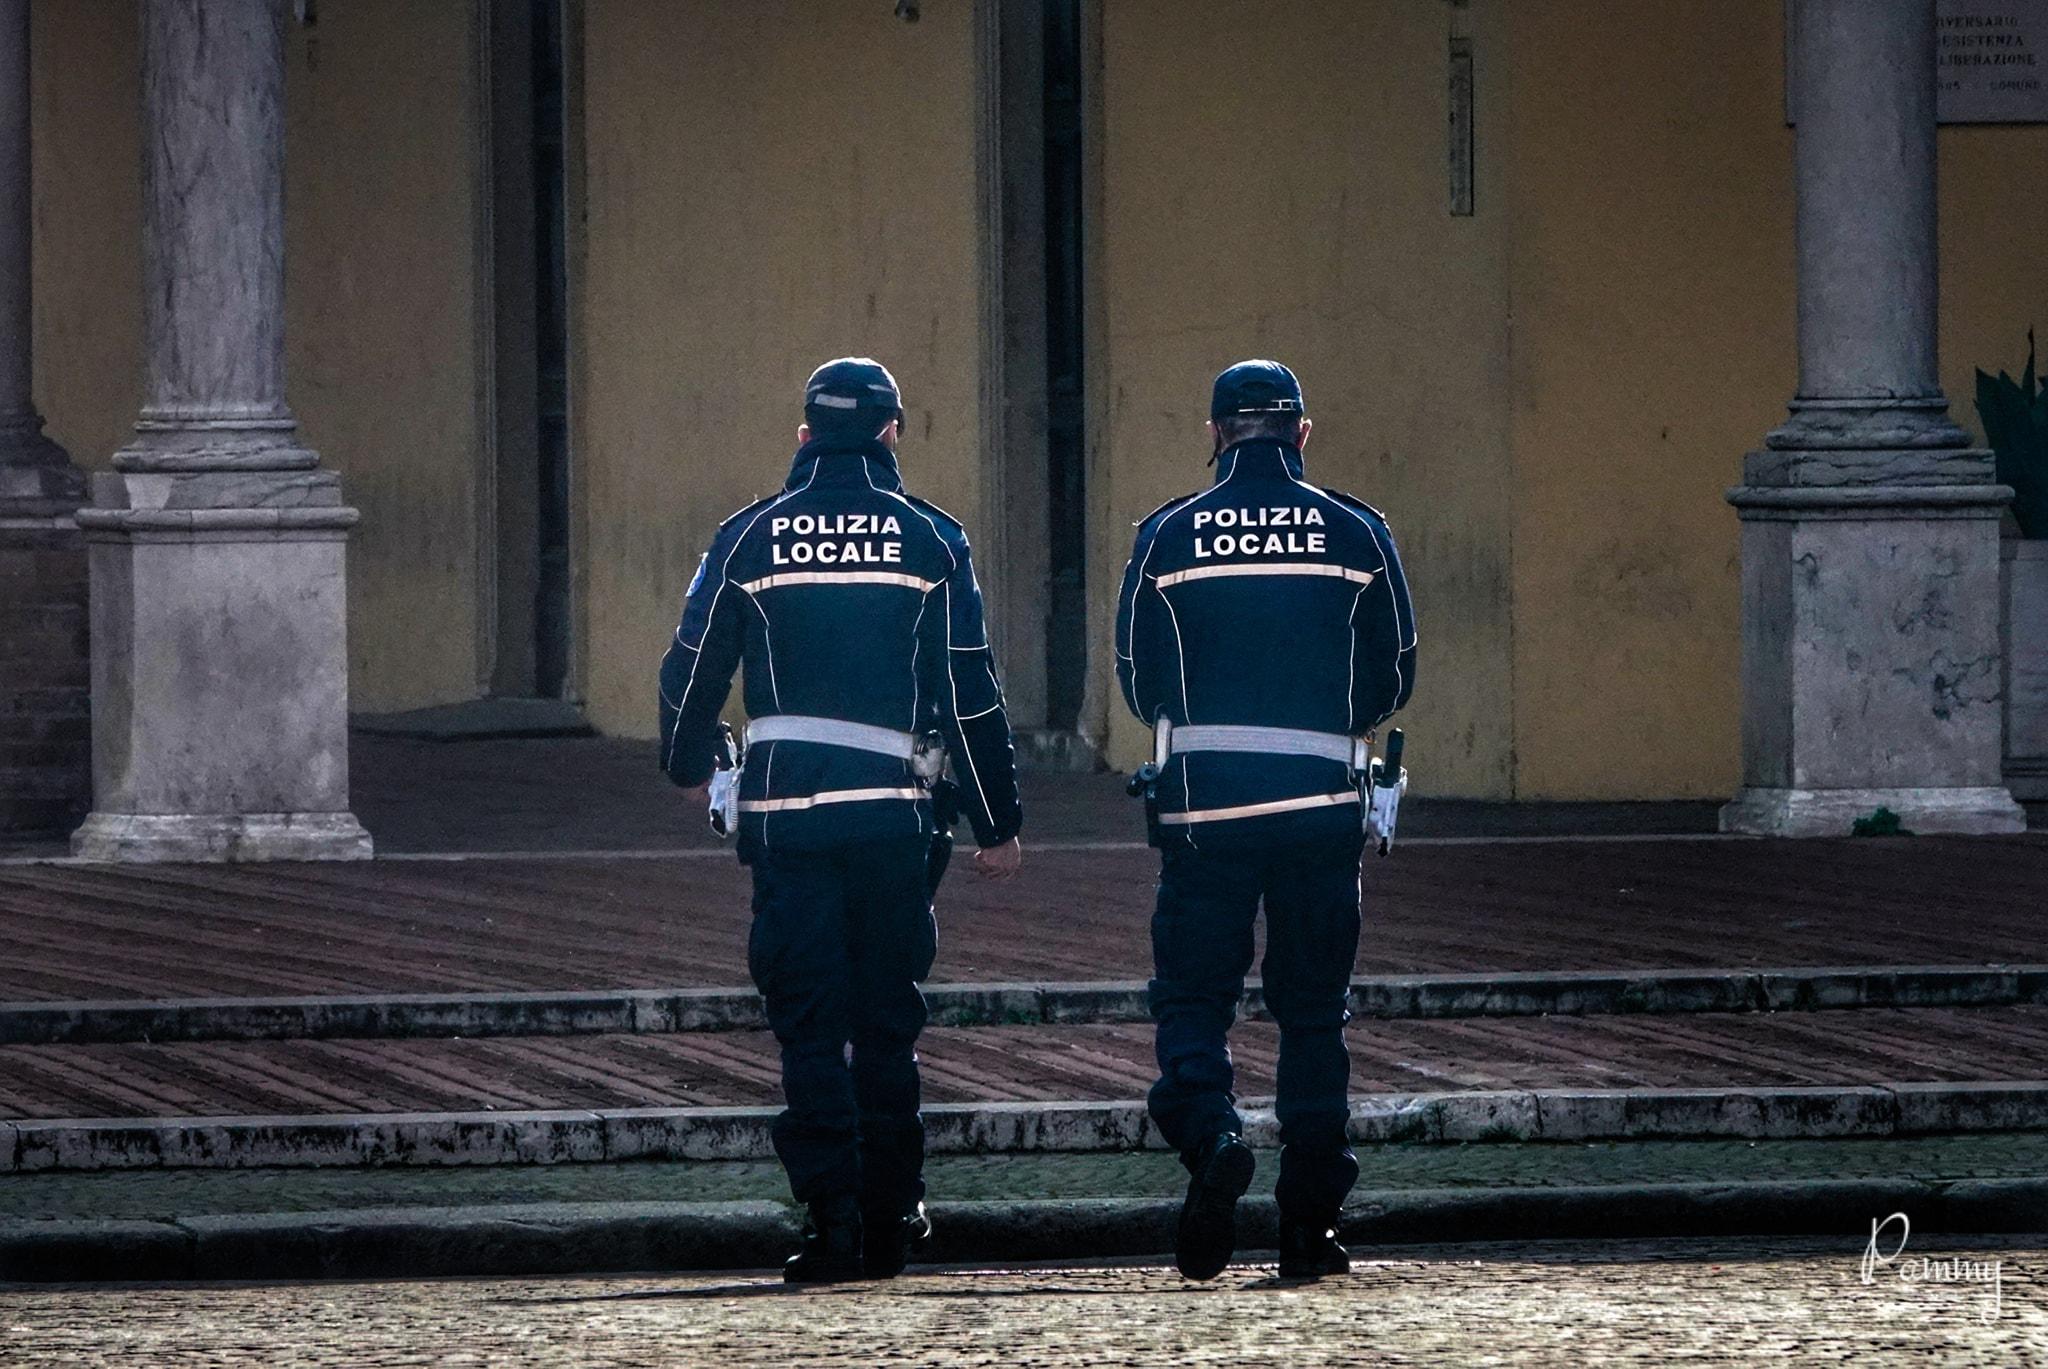 Polizia-Locale-foto-di-Paolo-Ambrosini